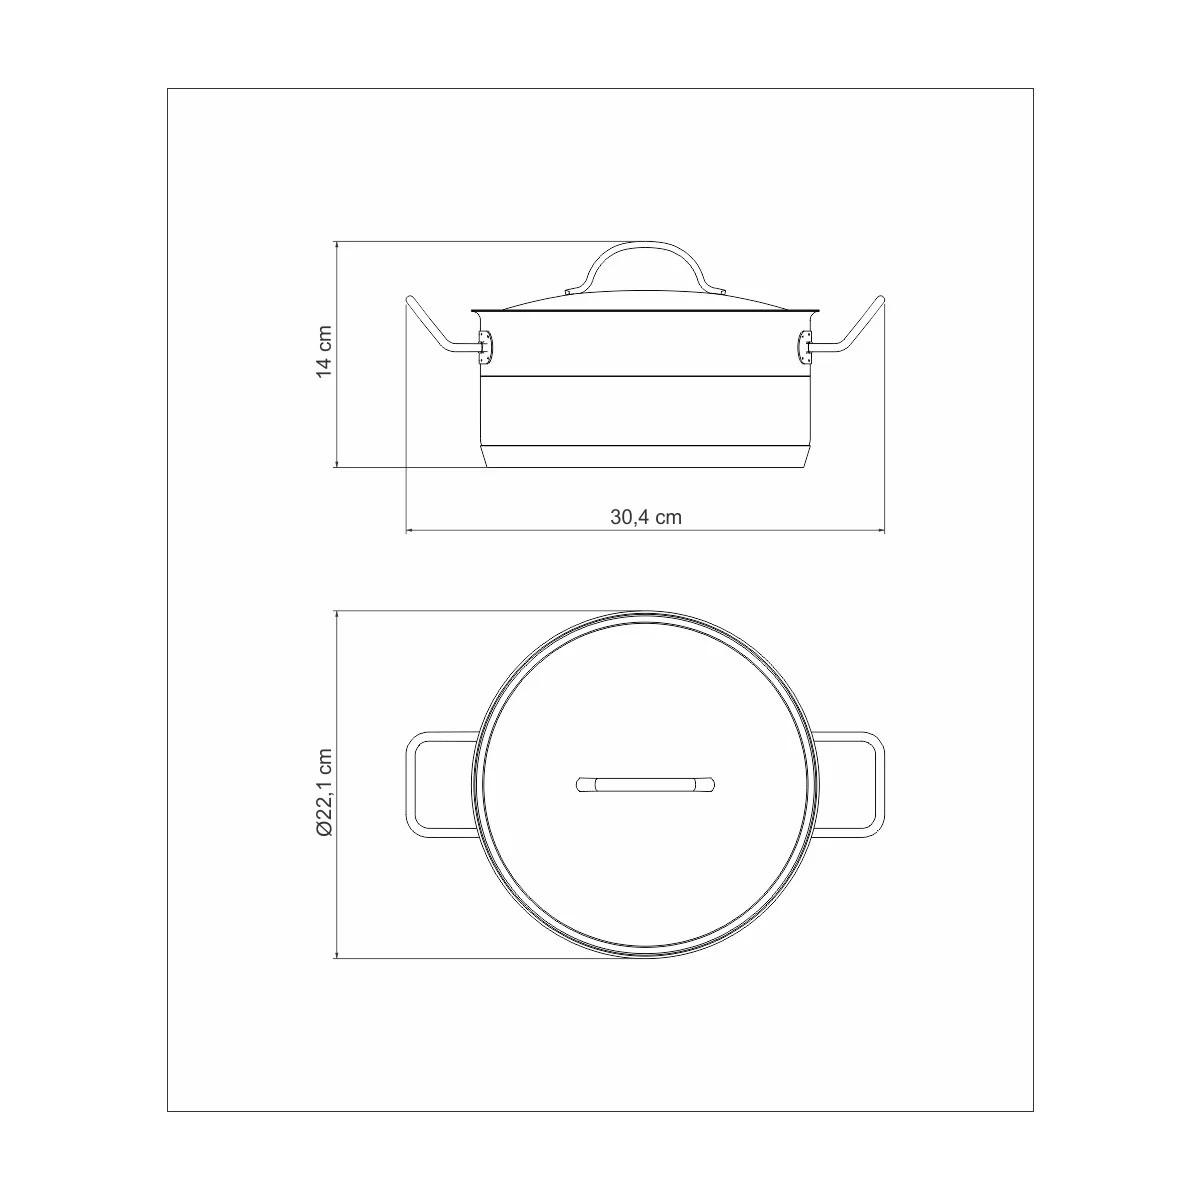 Caçarola Rasa Inox Professional 20cm  Tramontina  - Sua Casa Gourmet e Cia